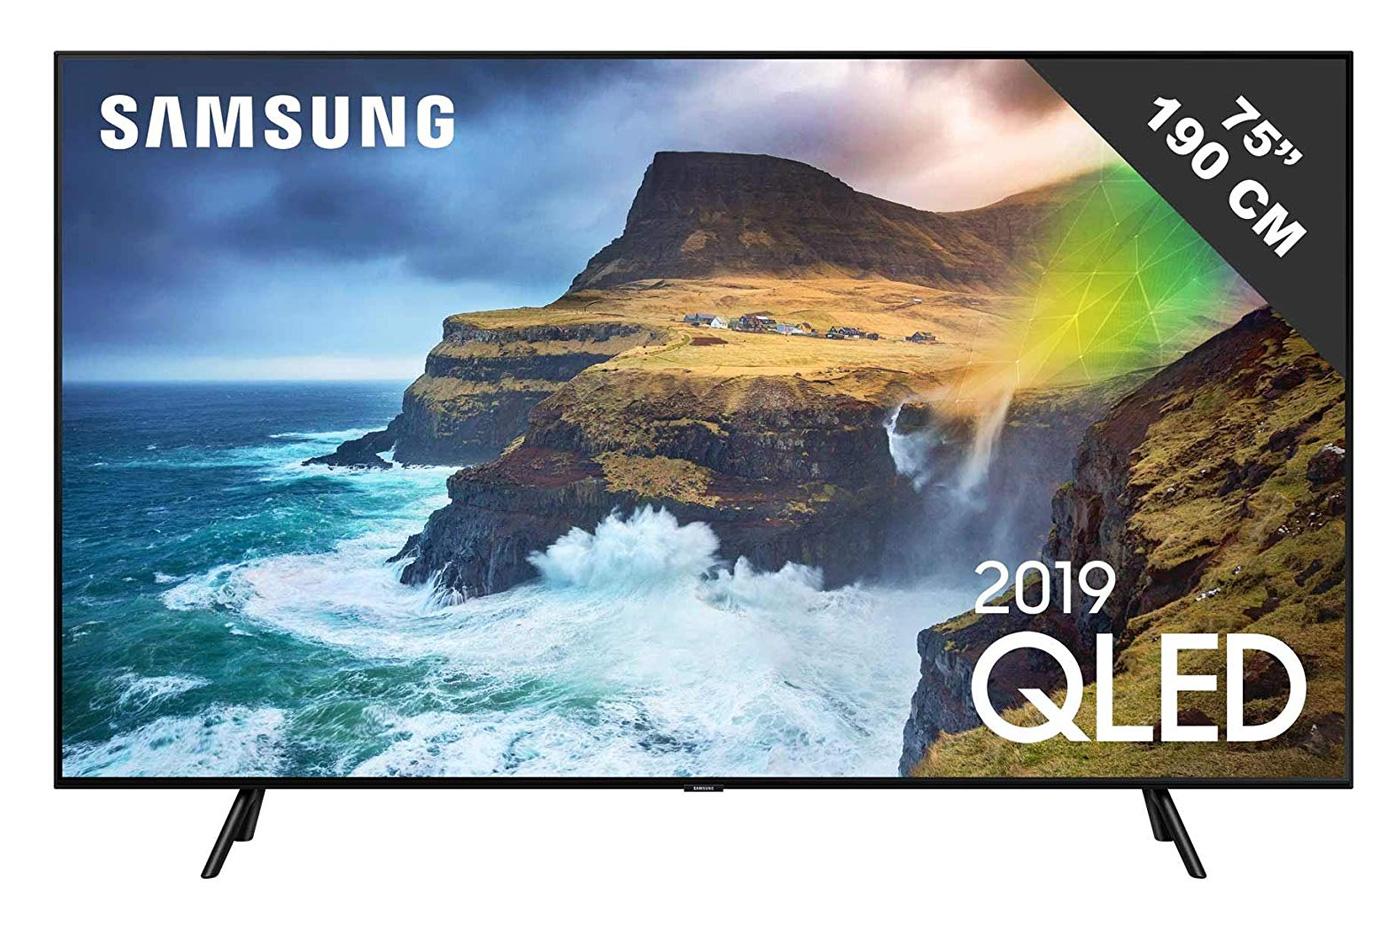 Prime Day Samsung TV